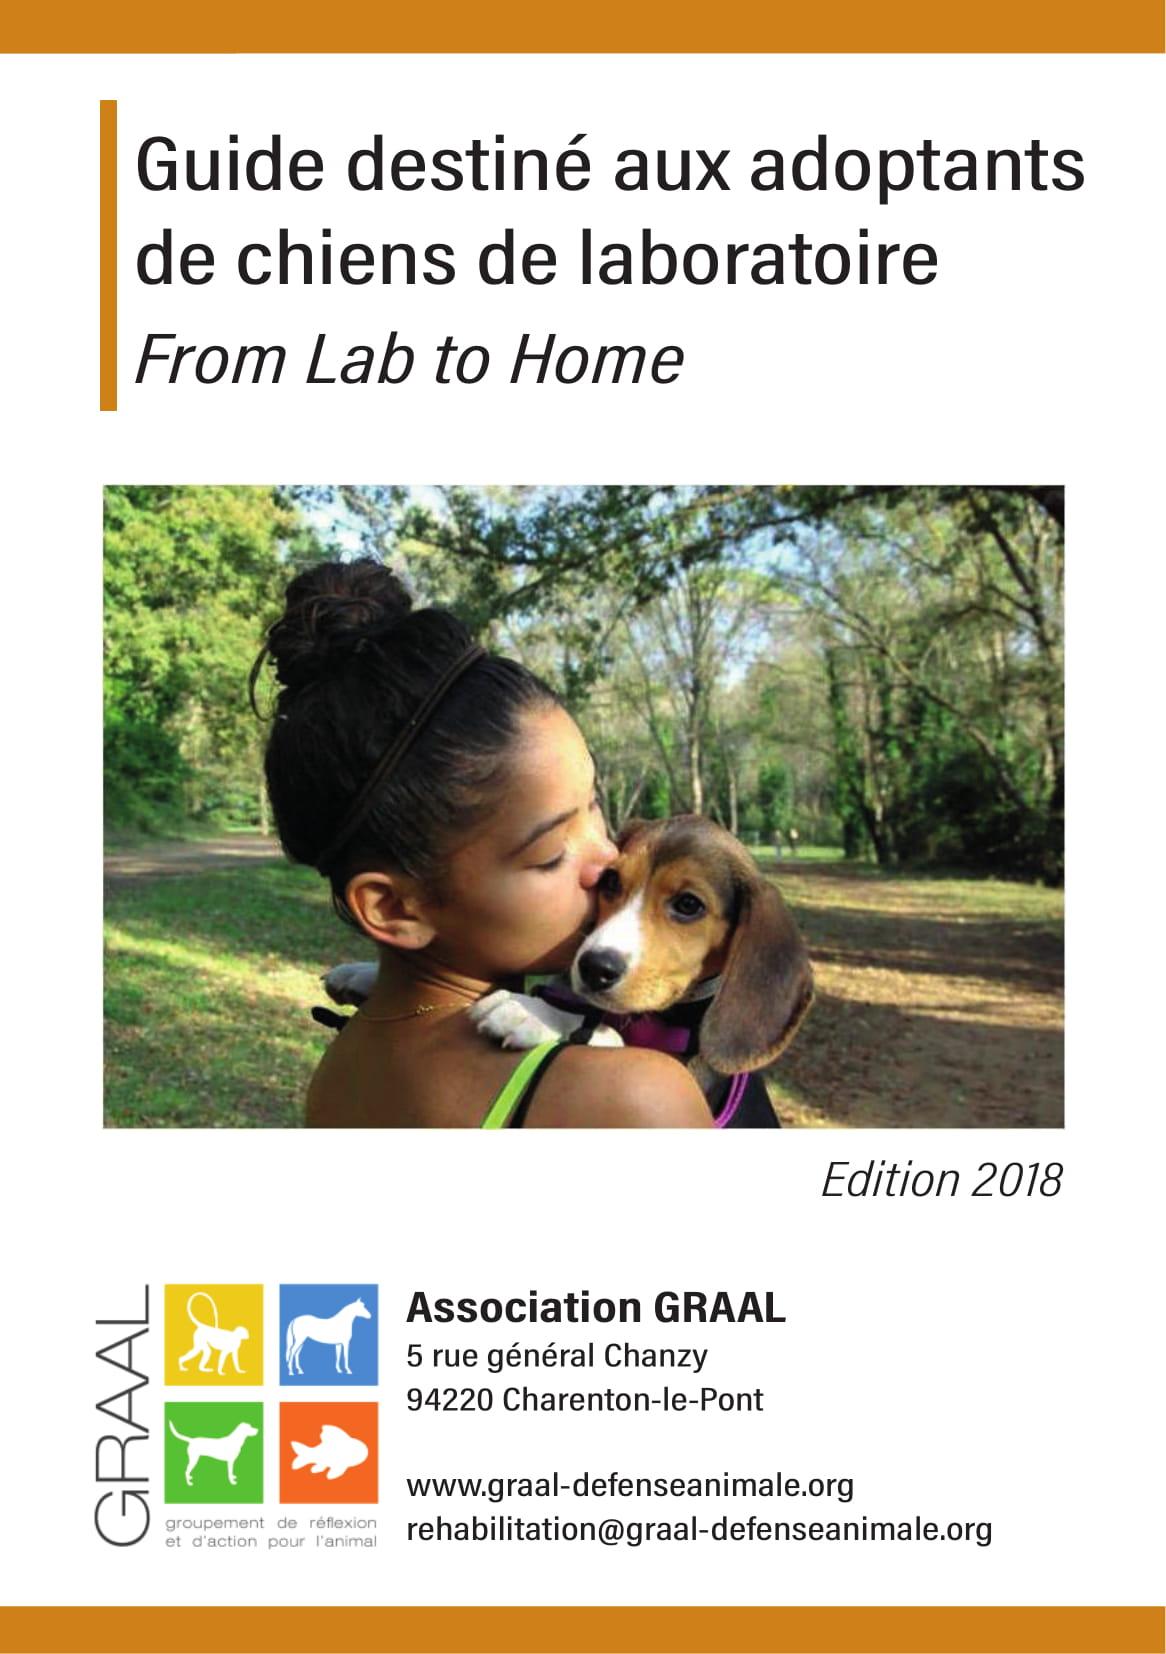 Guide spécial adoptant chien de laboratoire